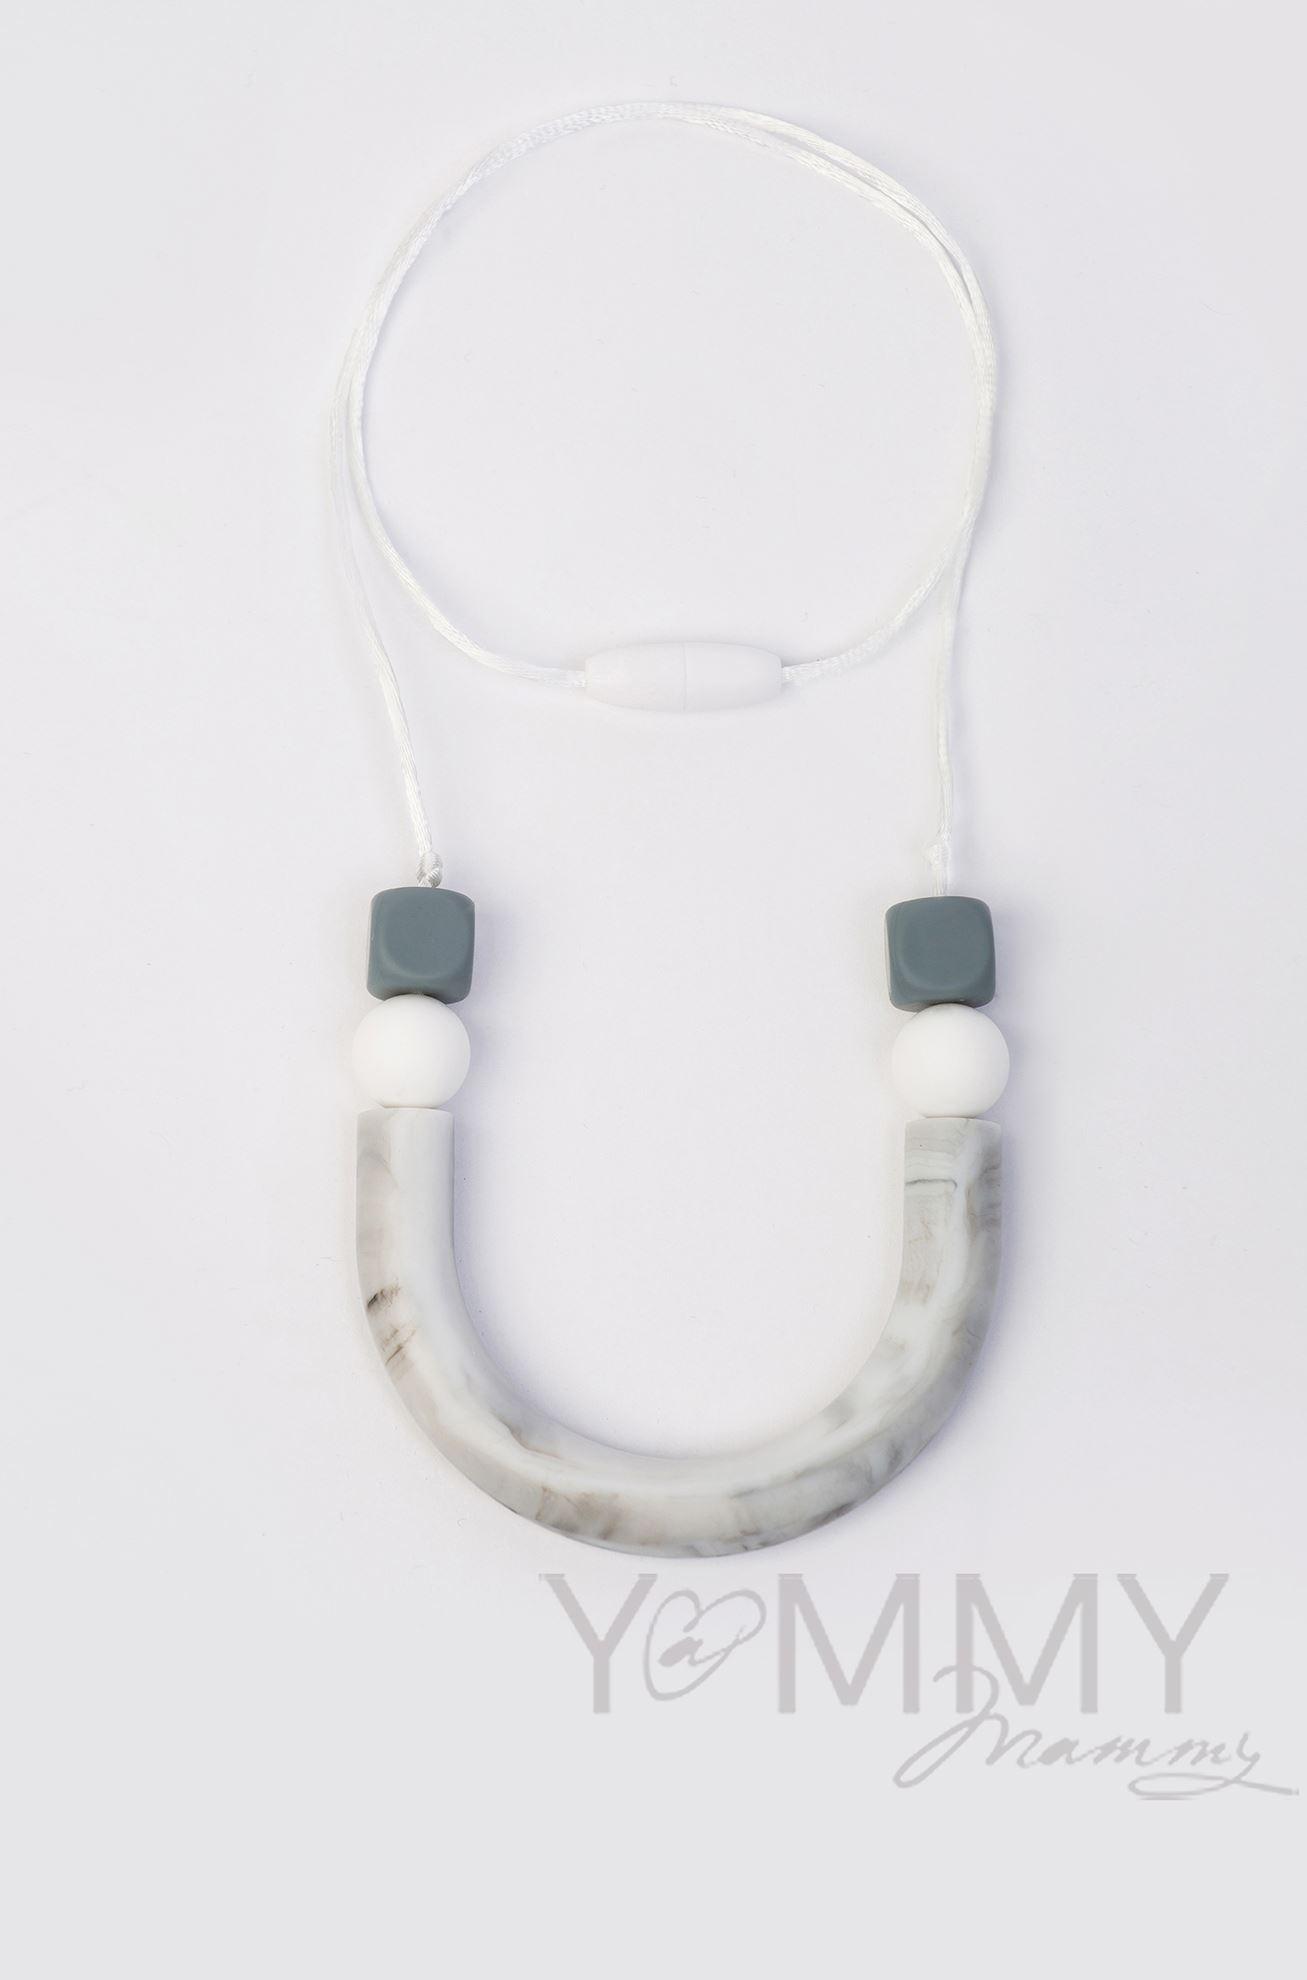 Изображение                               Слингобусы с бело-серой гамме